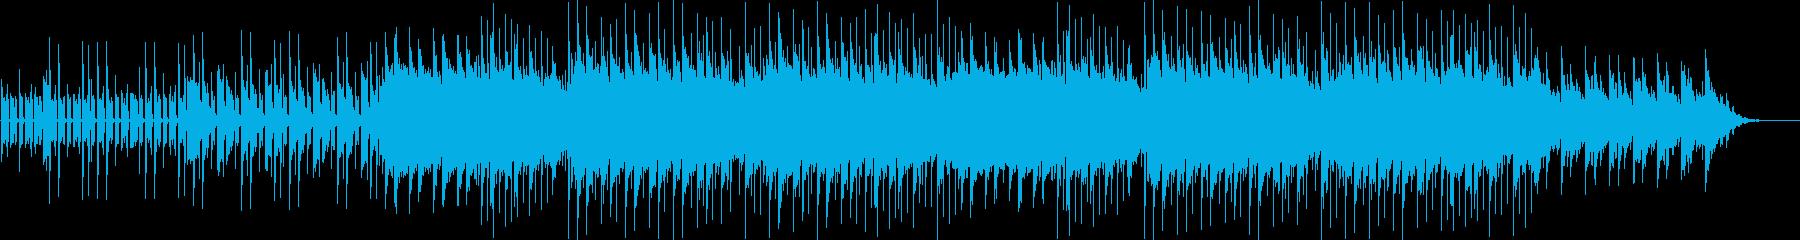 清涼感・チルアウト・トラップソウルの再生済みの波形